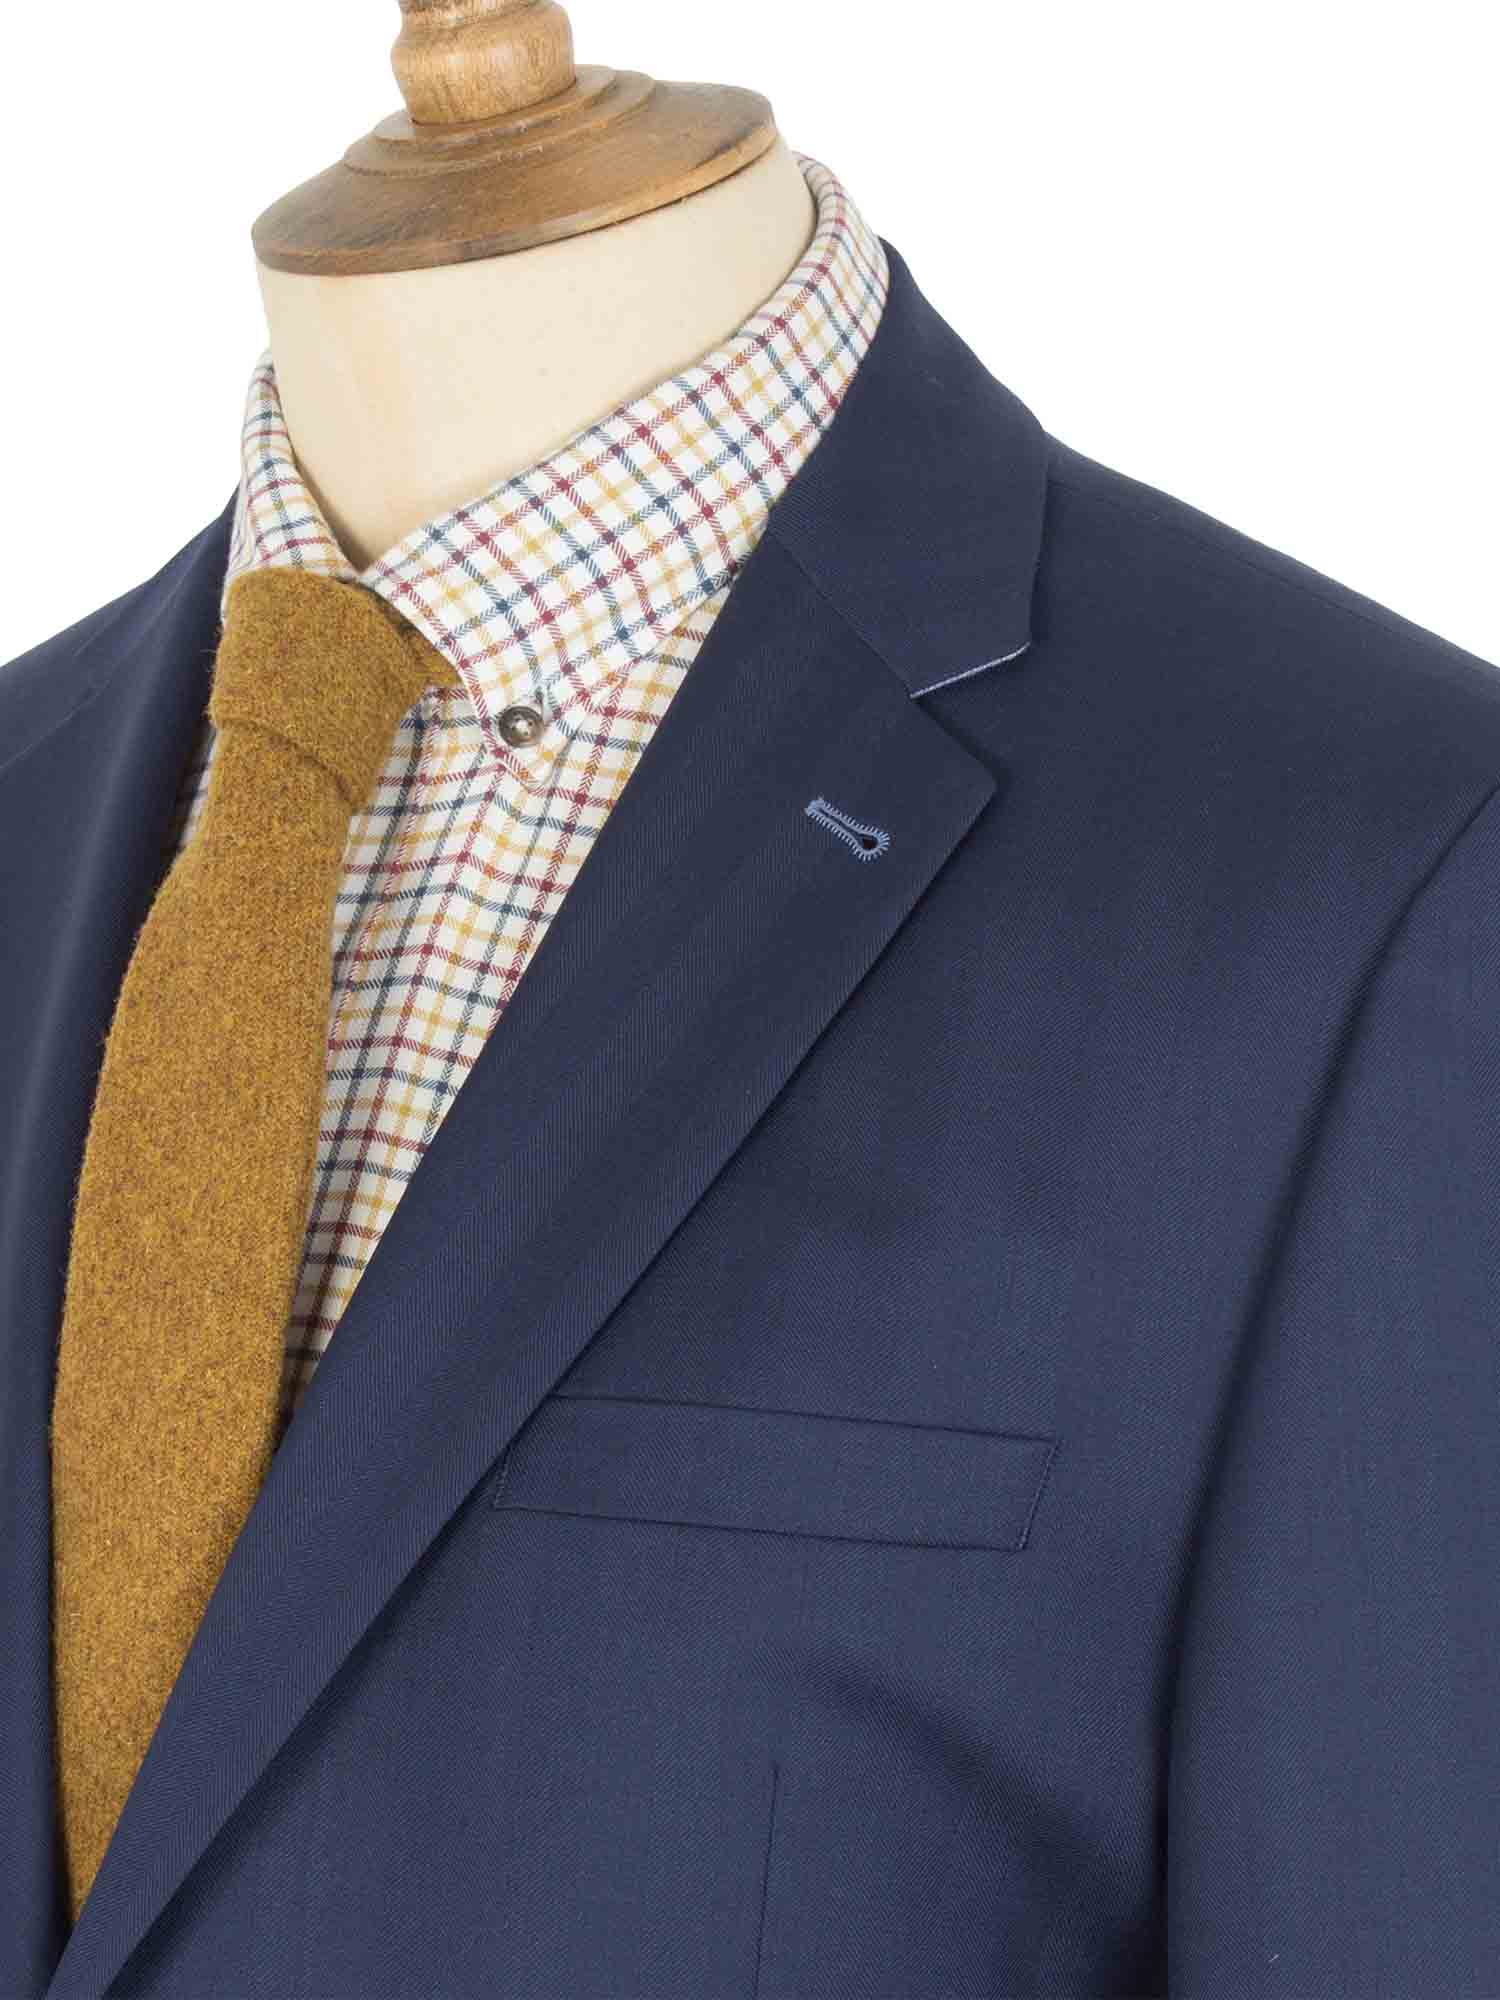 Dark Navy Tweed Suit